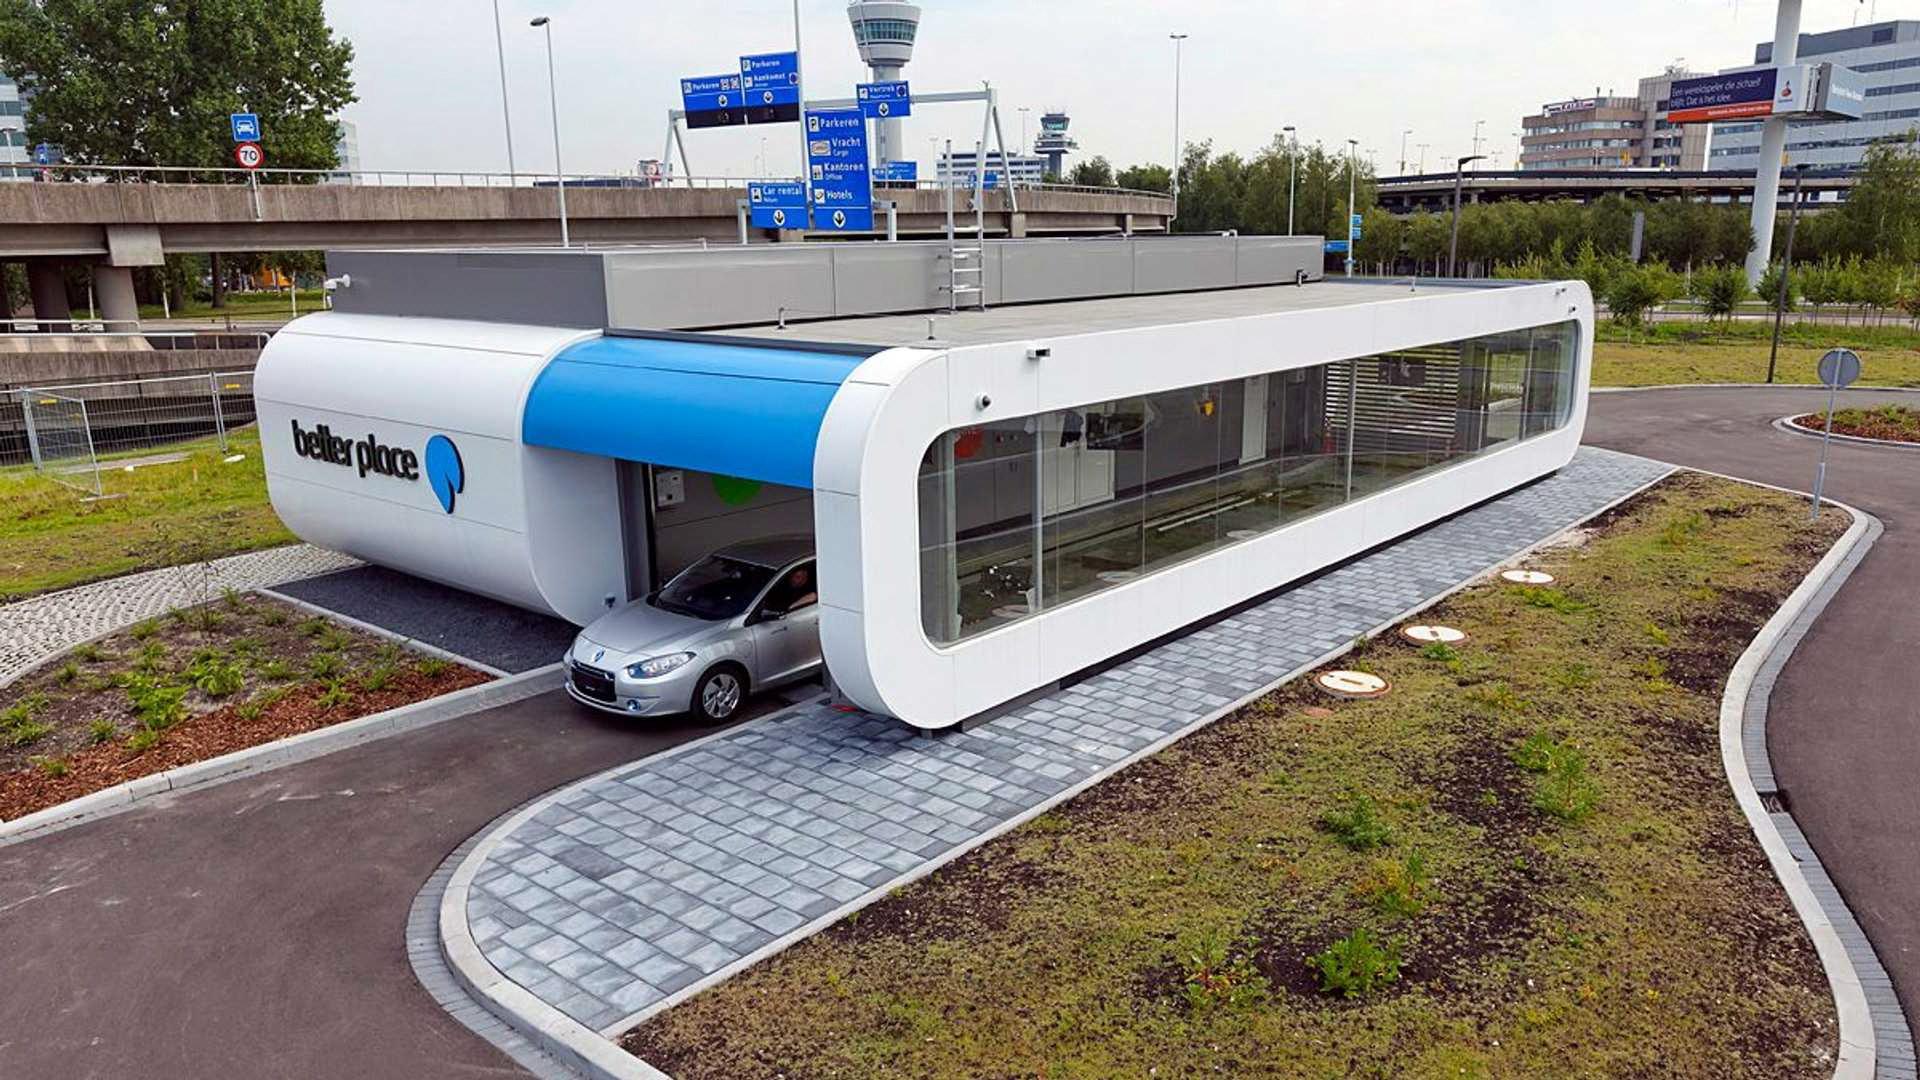 Renault вернулась к идее смены батарей в своих электрокарах, чтобы конкурировать с китайцами